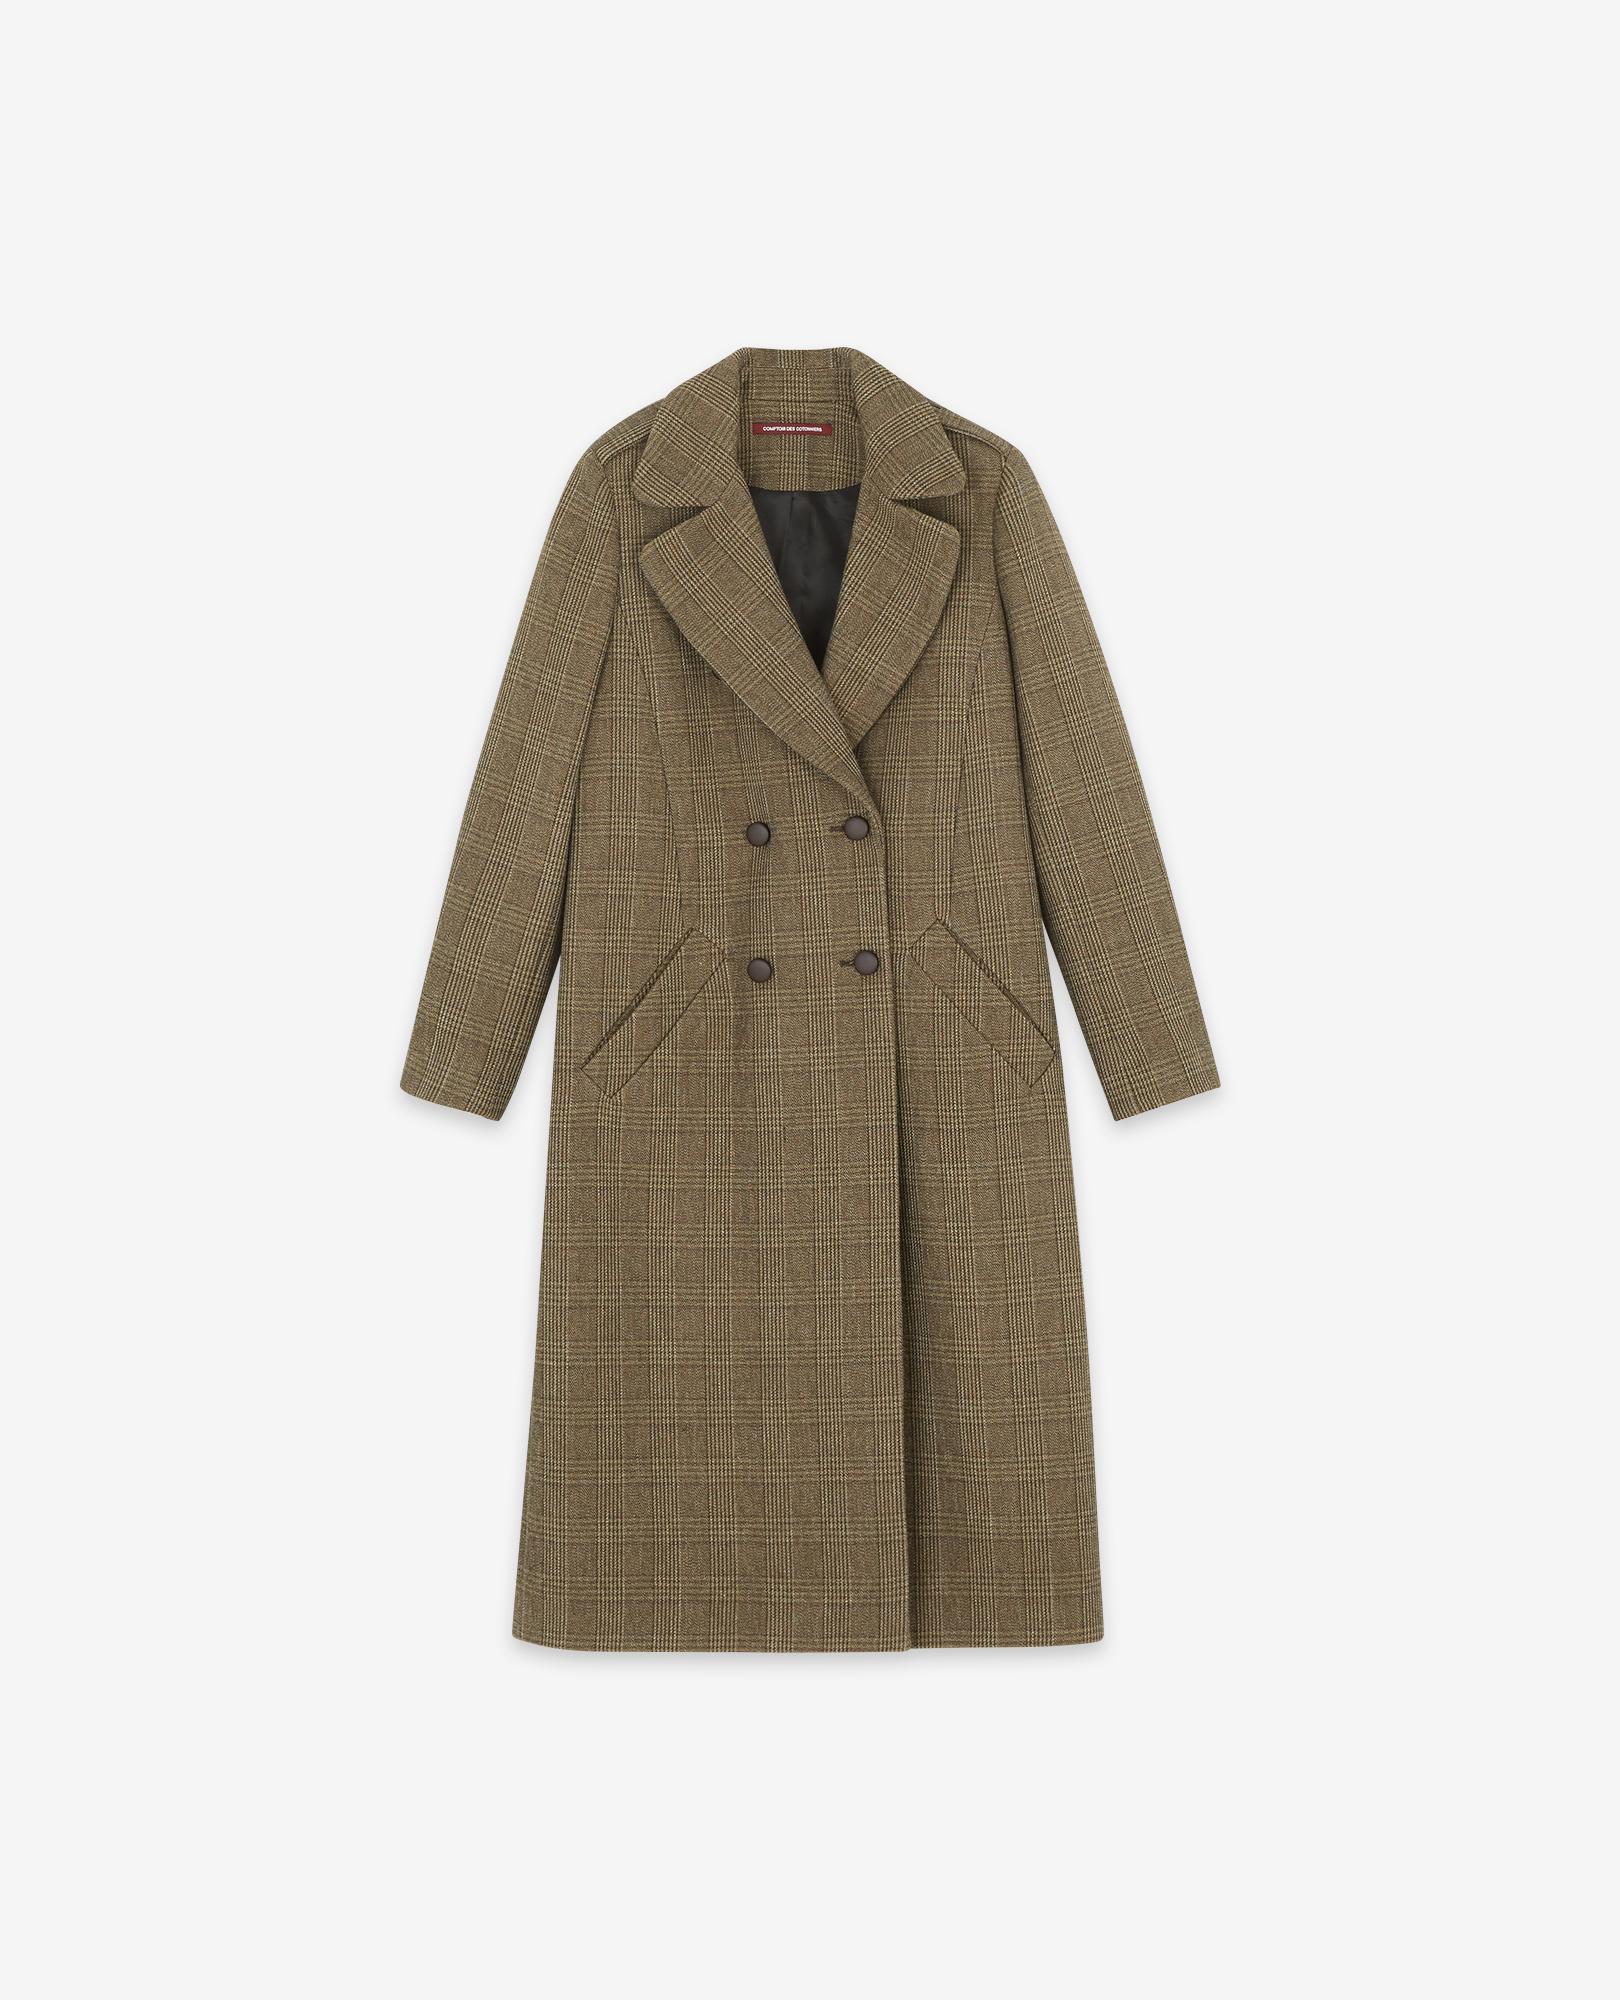 Soldes comptoir des cotonniers on shoppe quoi pendant - Manteau comptoir des cotonniers hiver 2013 ...